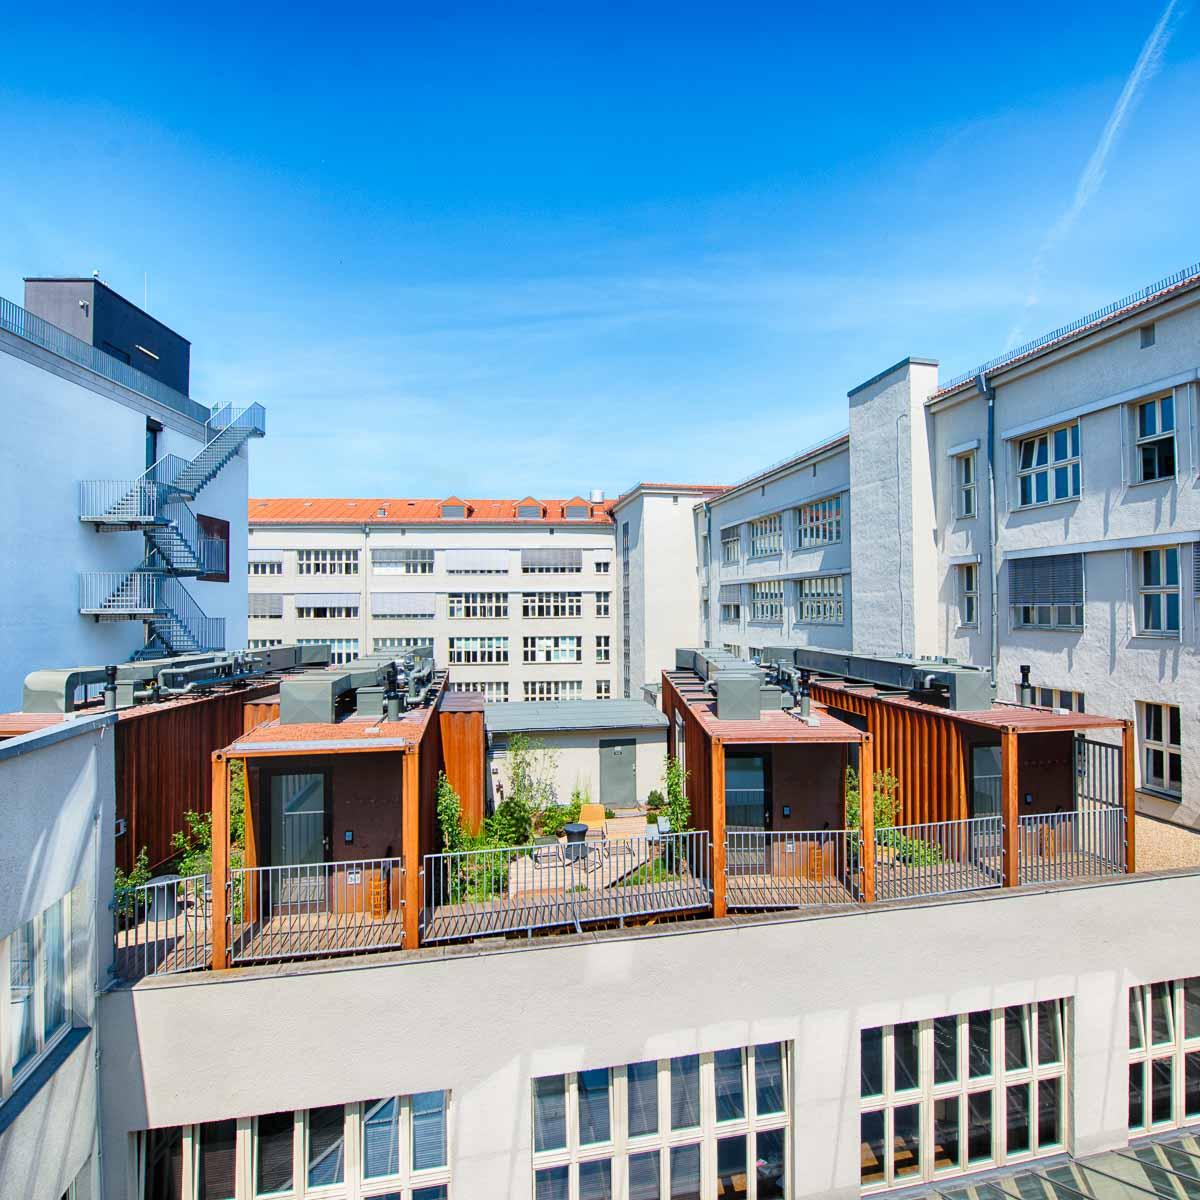 Hotel i31 Berlin Mitte © Andreas Rehkopp-8